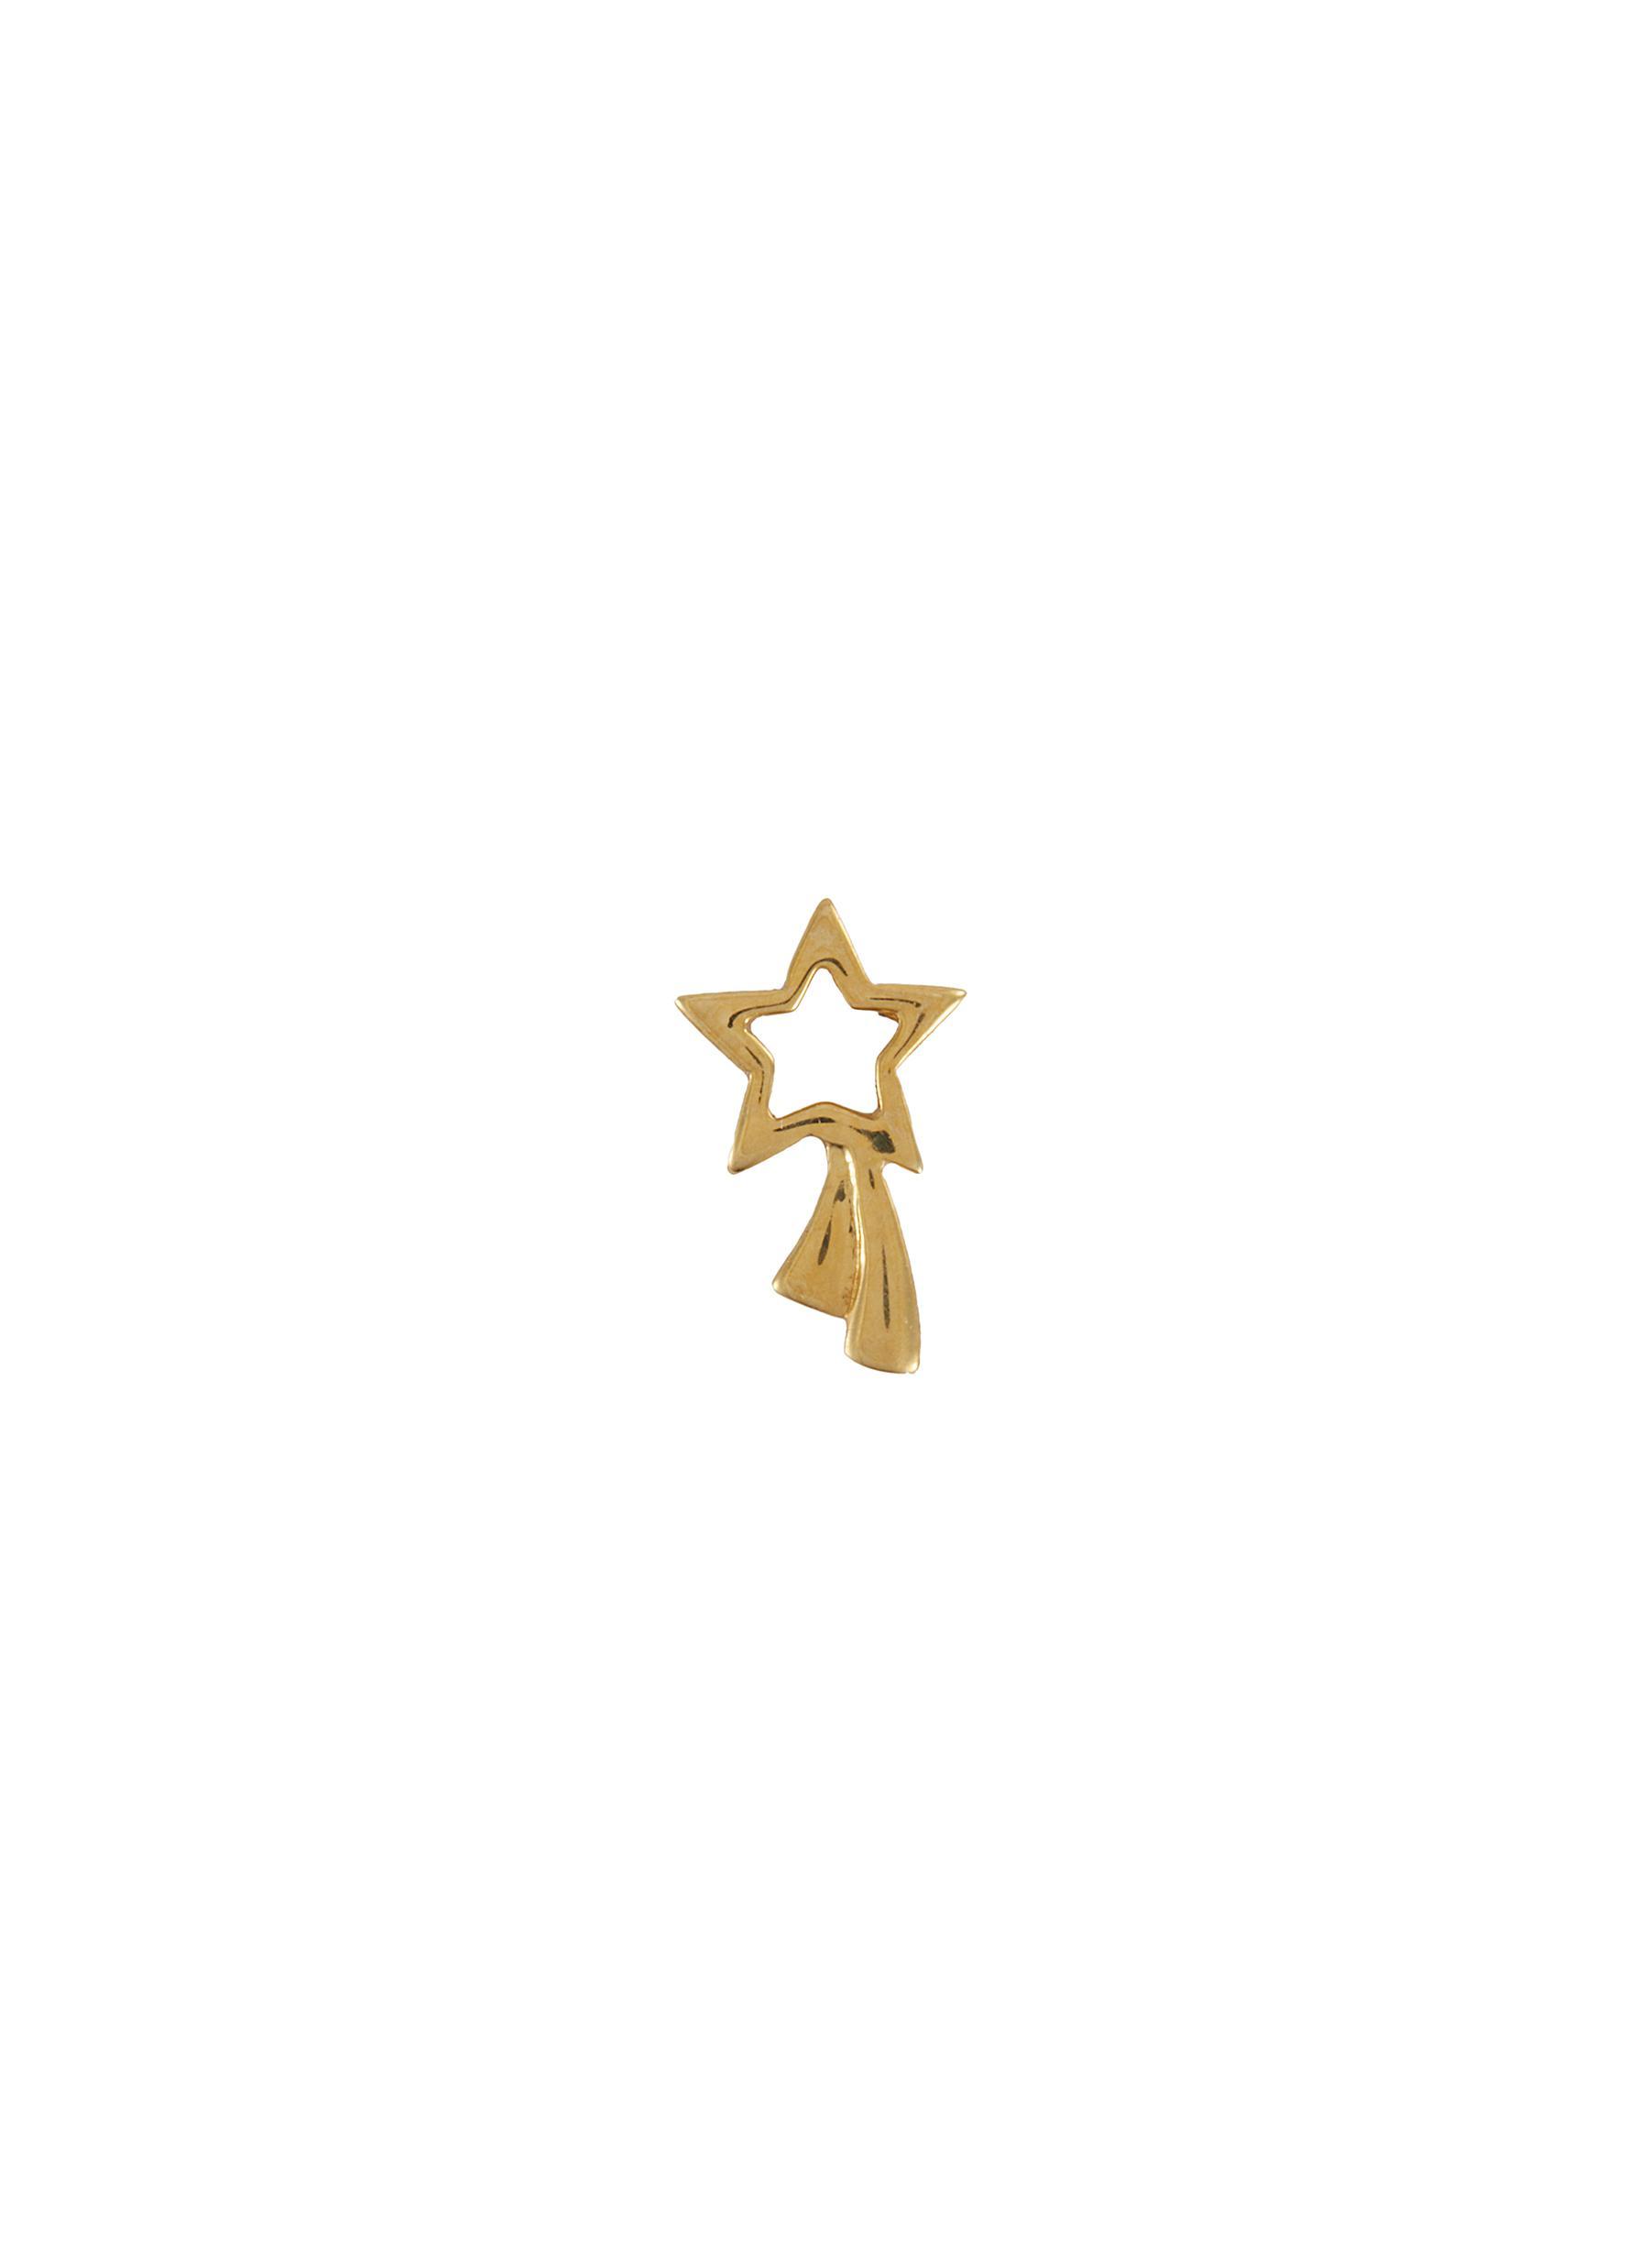 'Shooting Star' 18k Gold Charm